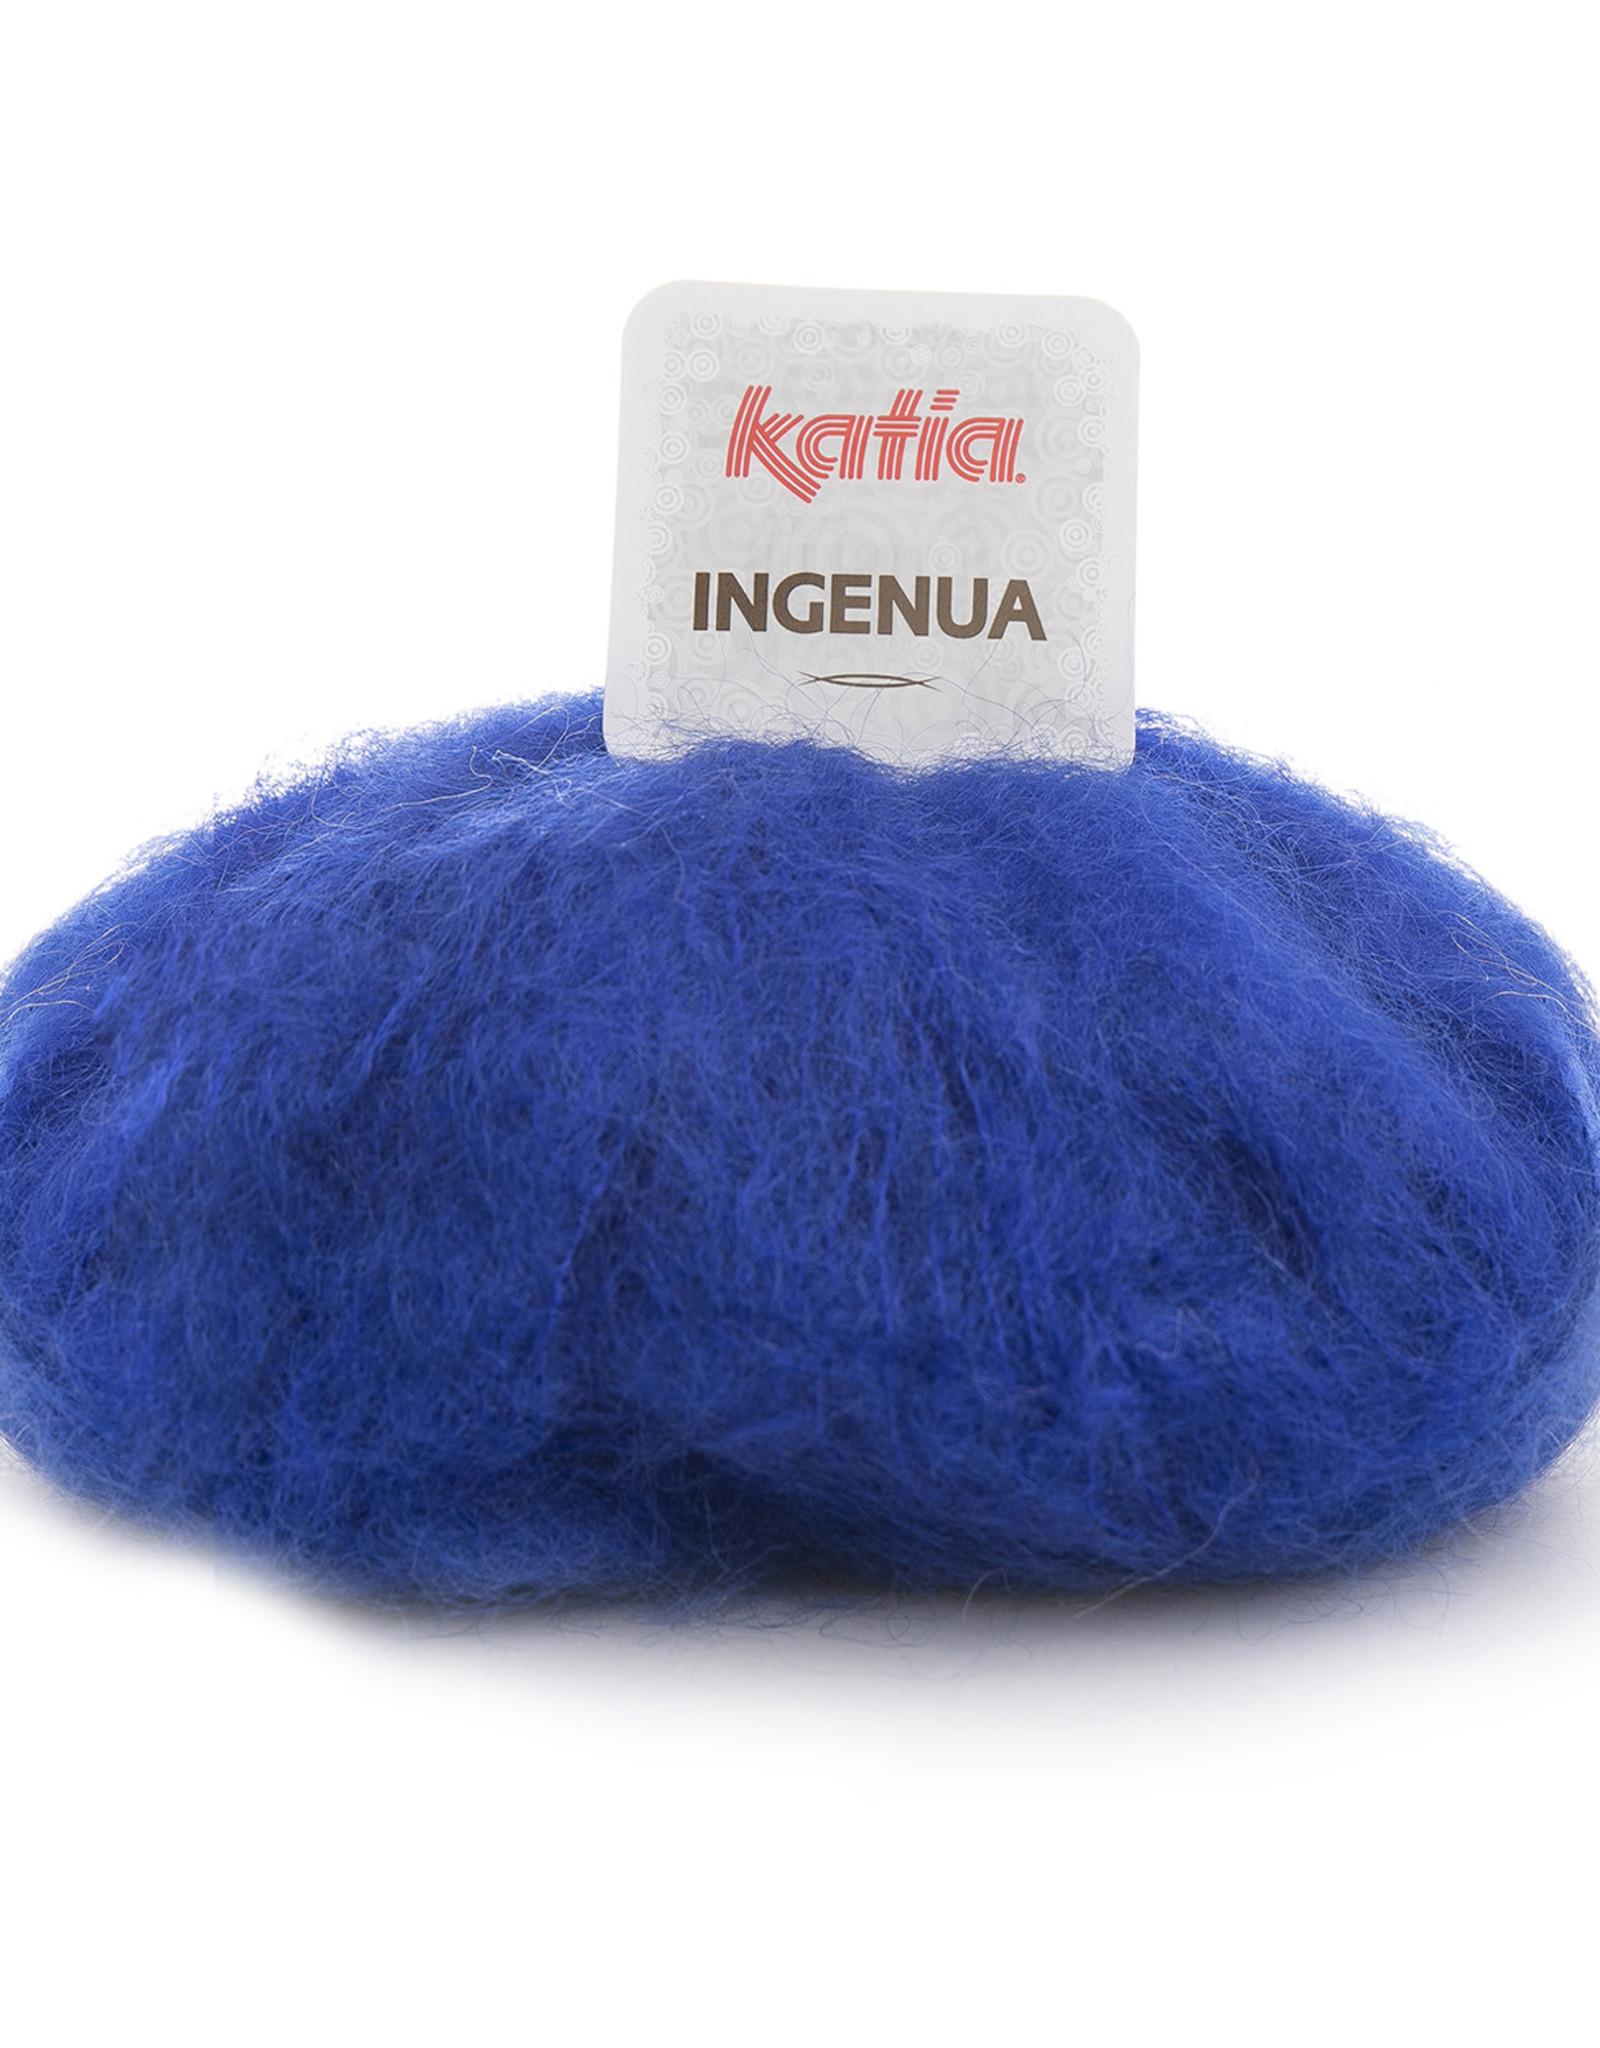 Katia Katia ingenua 50 nachtblauw